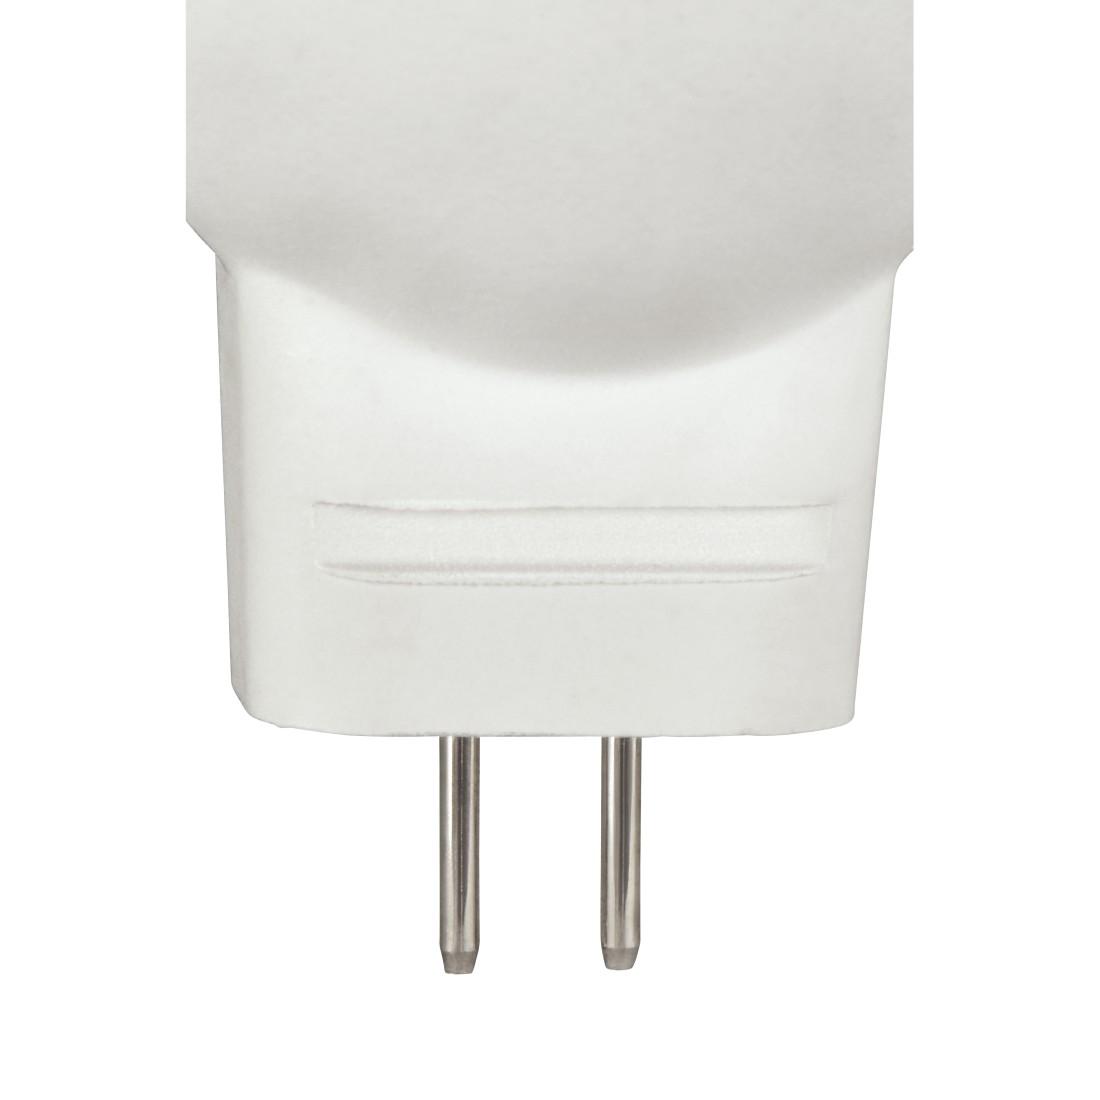 xavax.eu | 00112588 Xavax LED-Lampe, GU4, 230lm ersetzt 22W ...